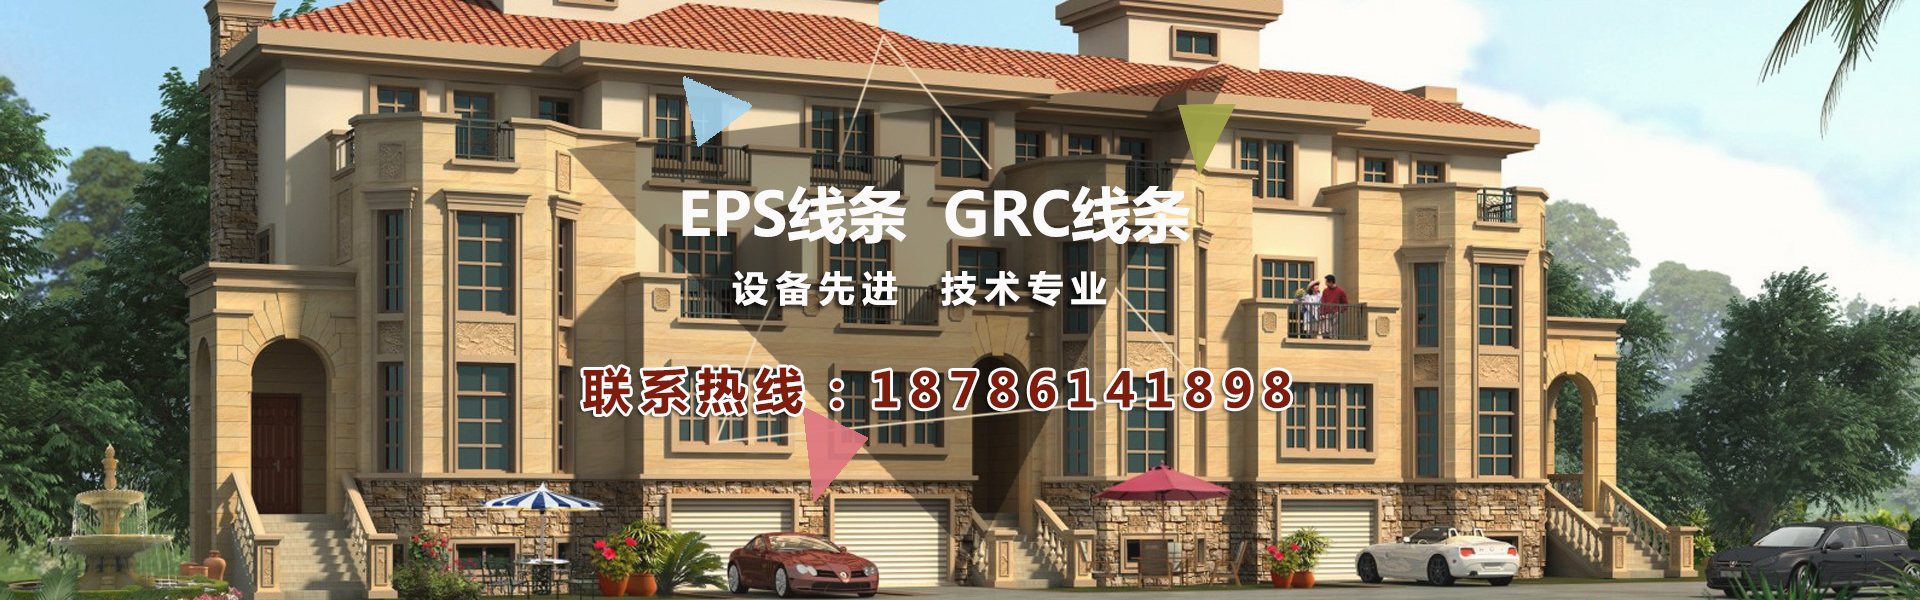 贵州eps装饰线条厂家,专业生产EPS线条、GRC构件、雕塑、假山